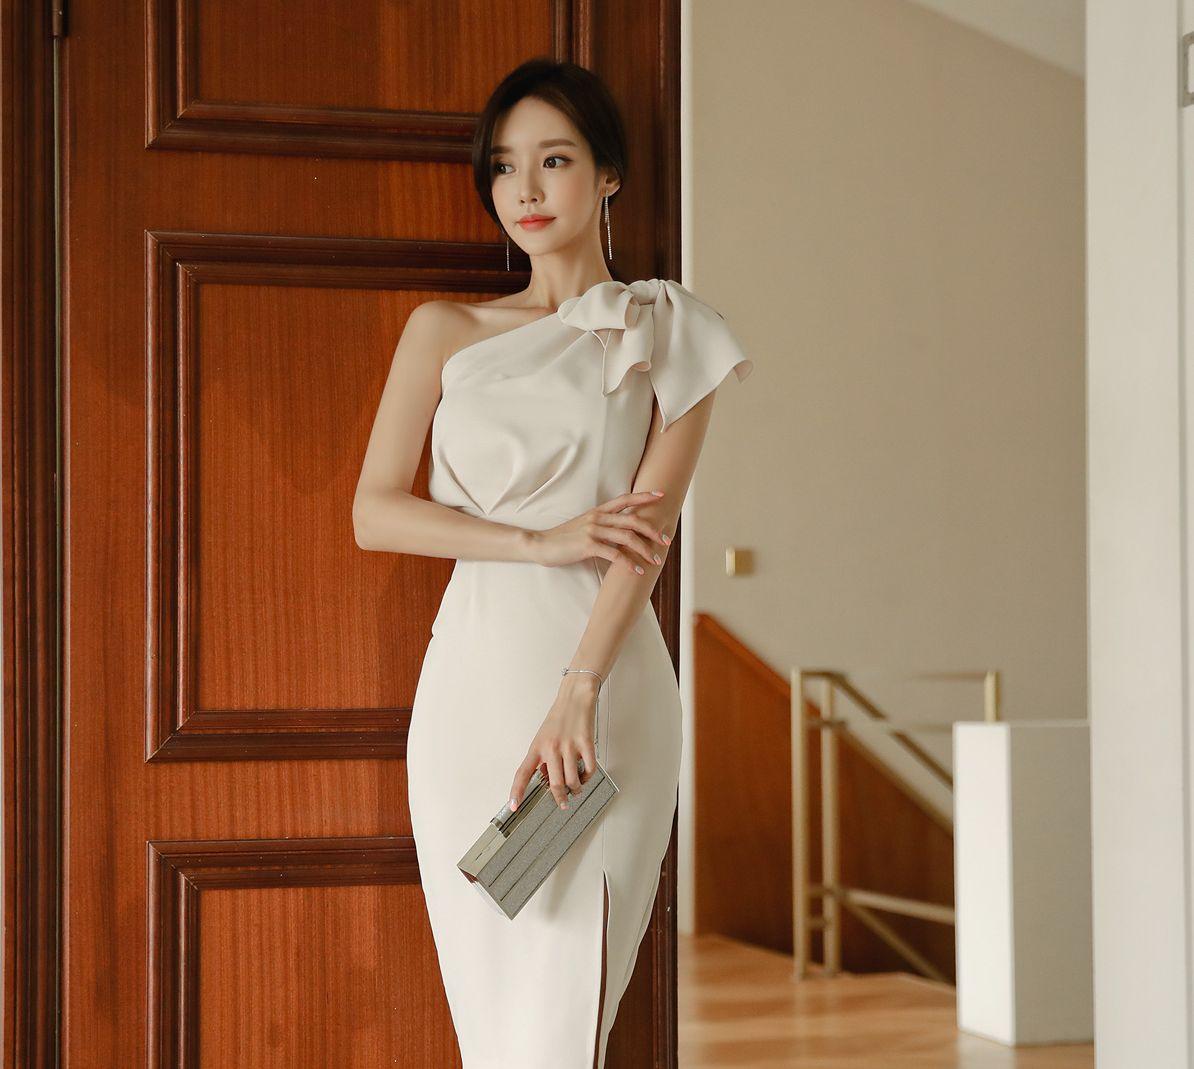 孙允珠高清美图:枫丹白露奶油丝光斜肩晚礼裙